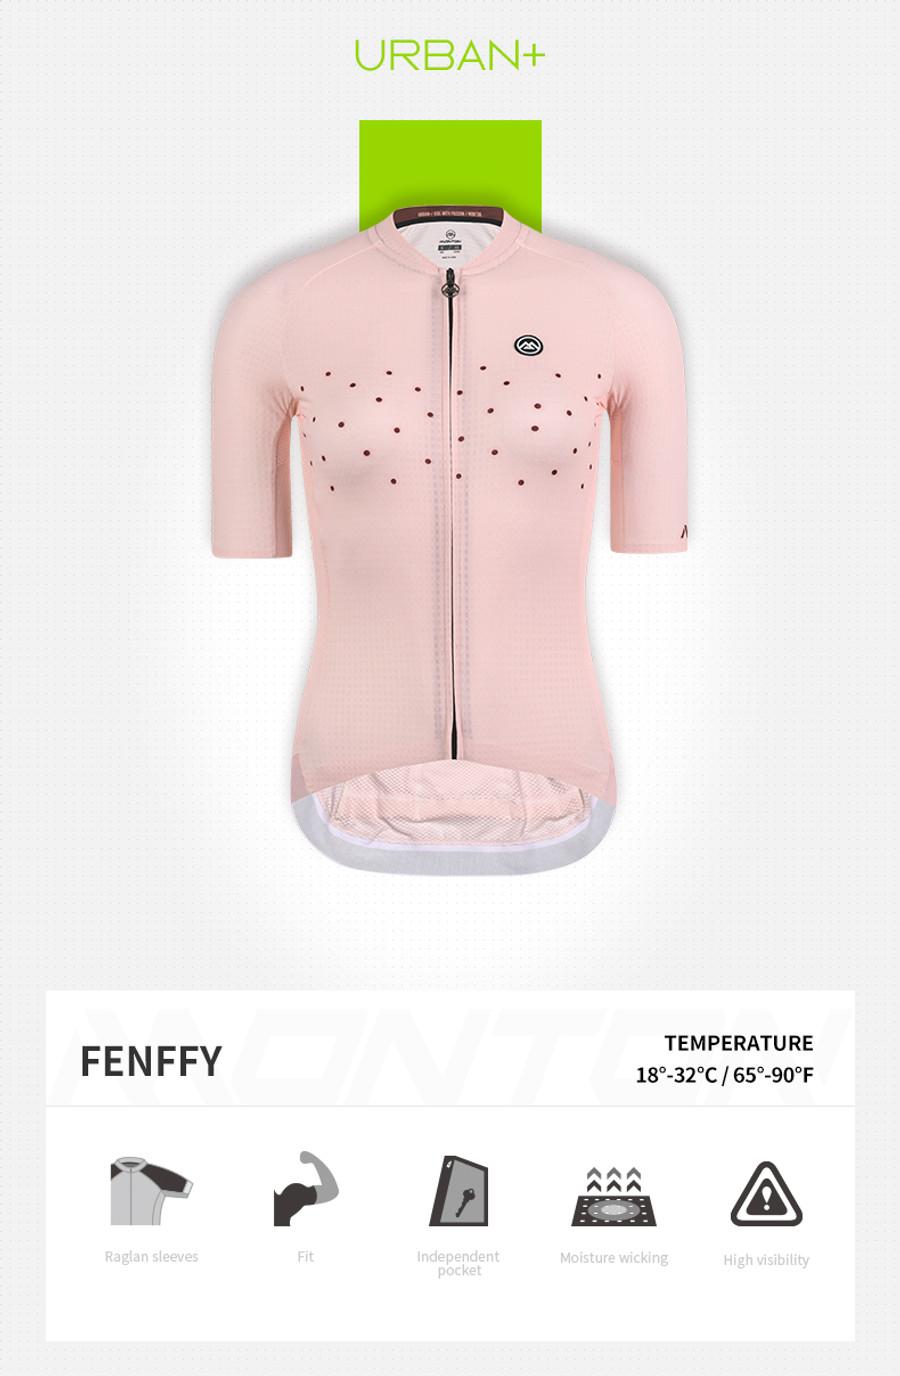 Women's Urban+ Fenffy Jersey